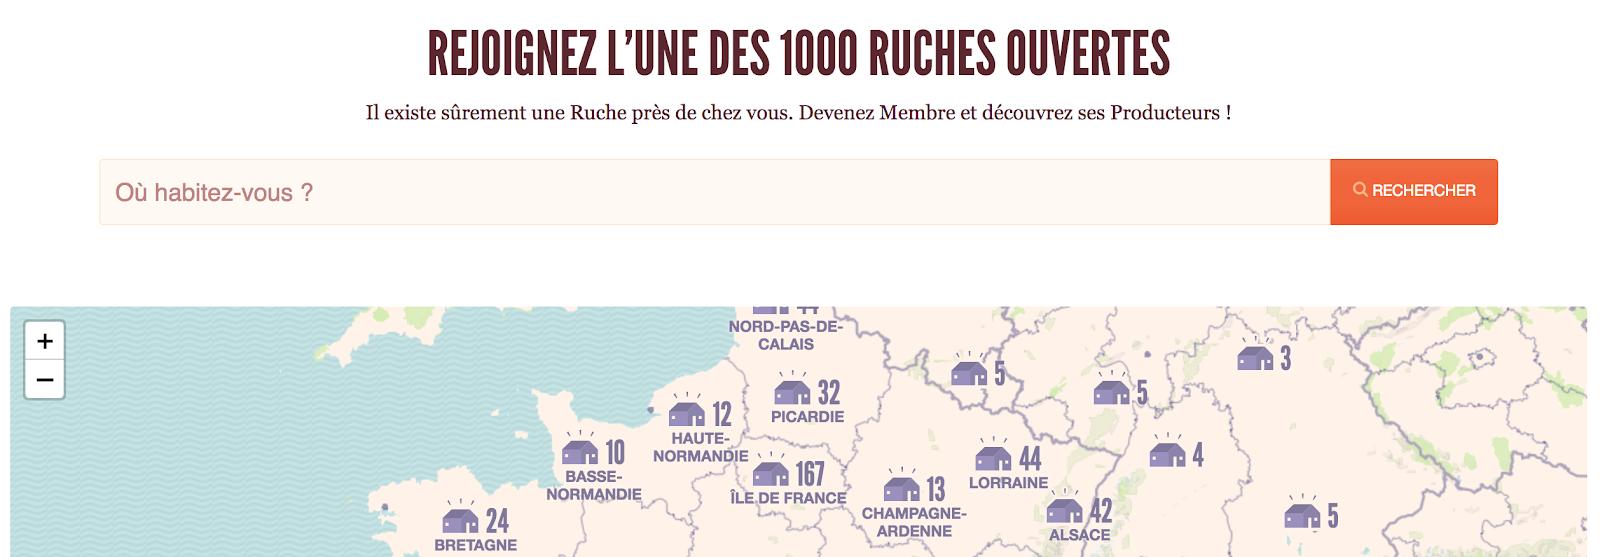 Page d'accueil de La Ruche qui dit Oui ! en juillet 2018